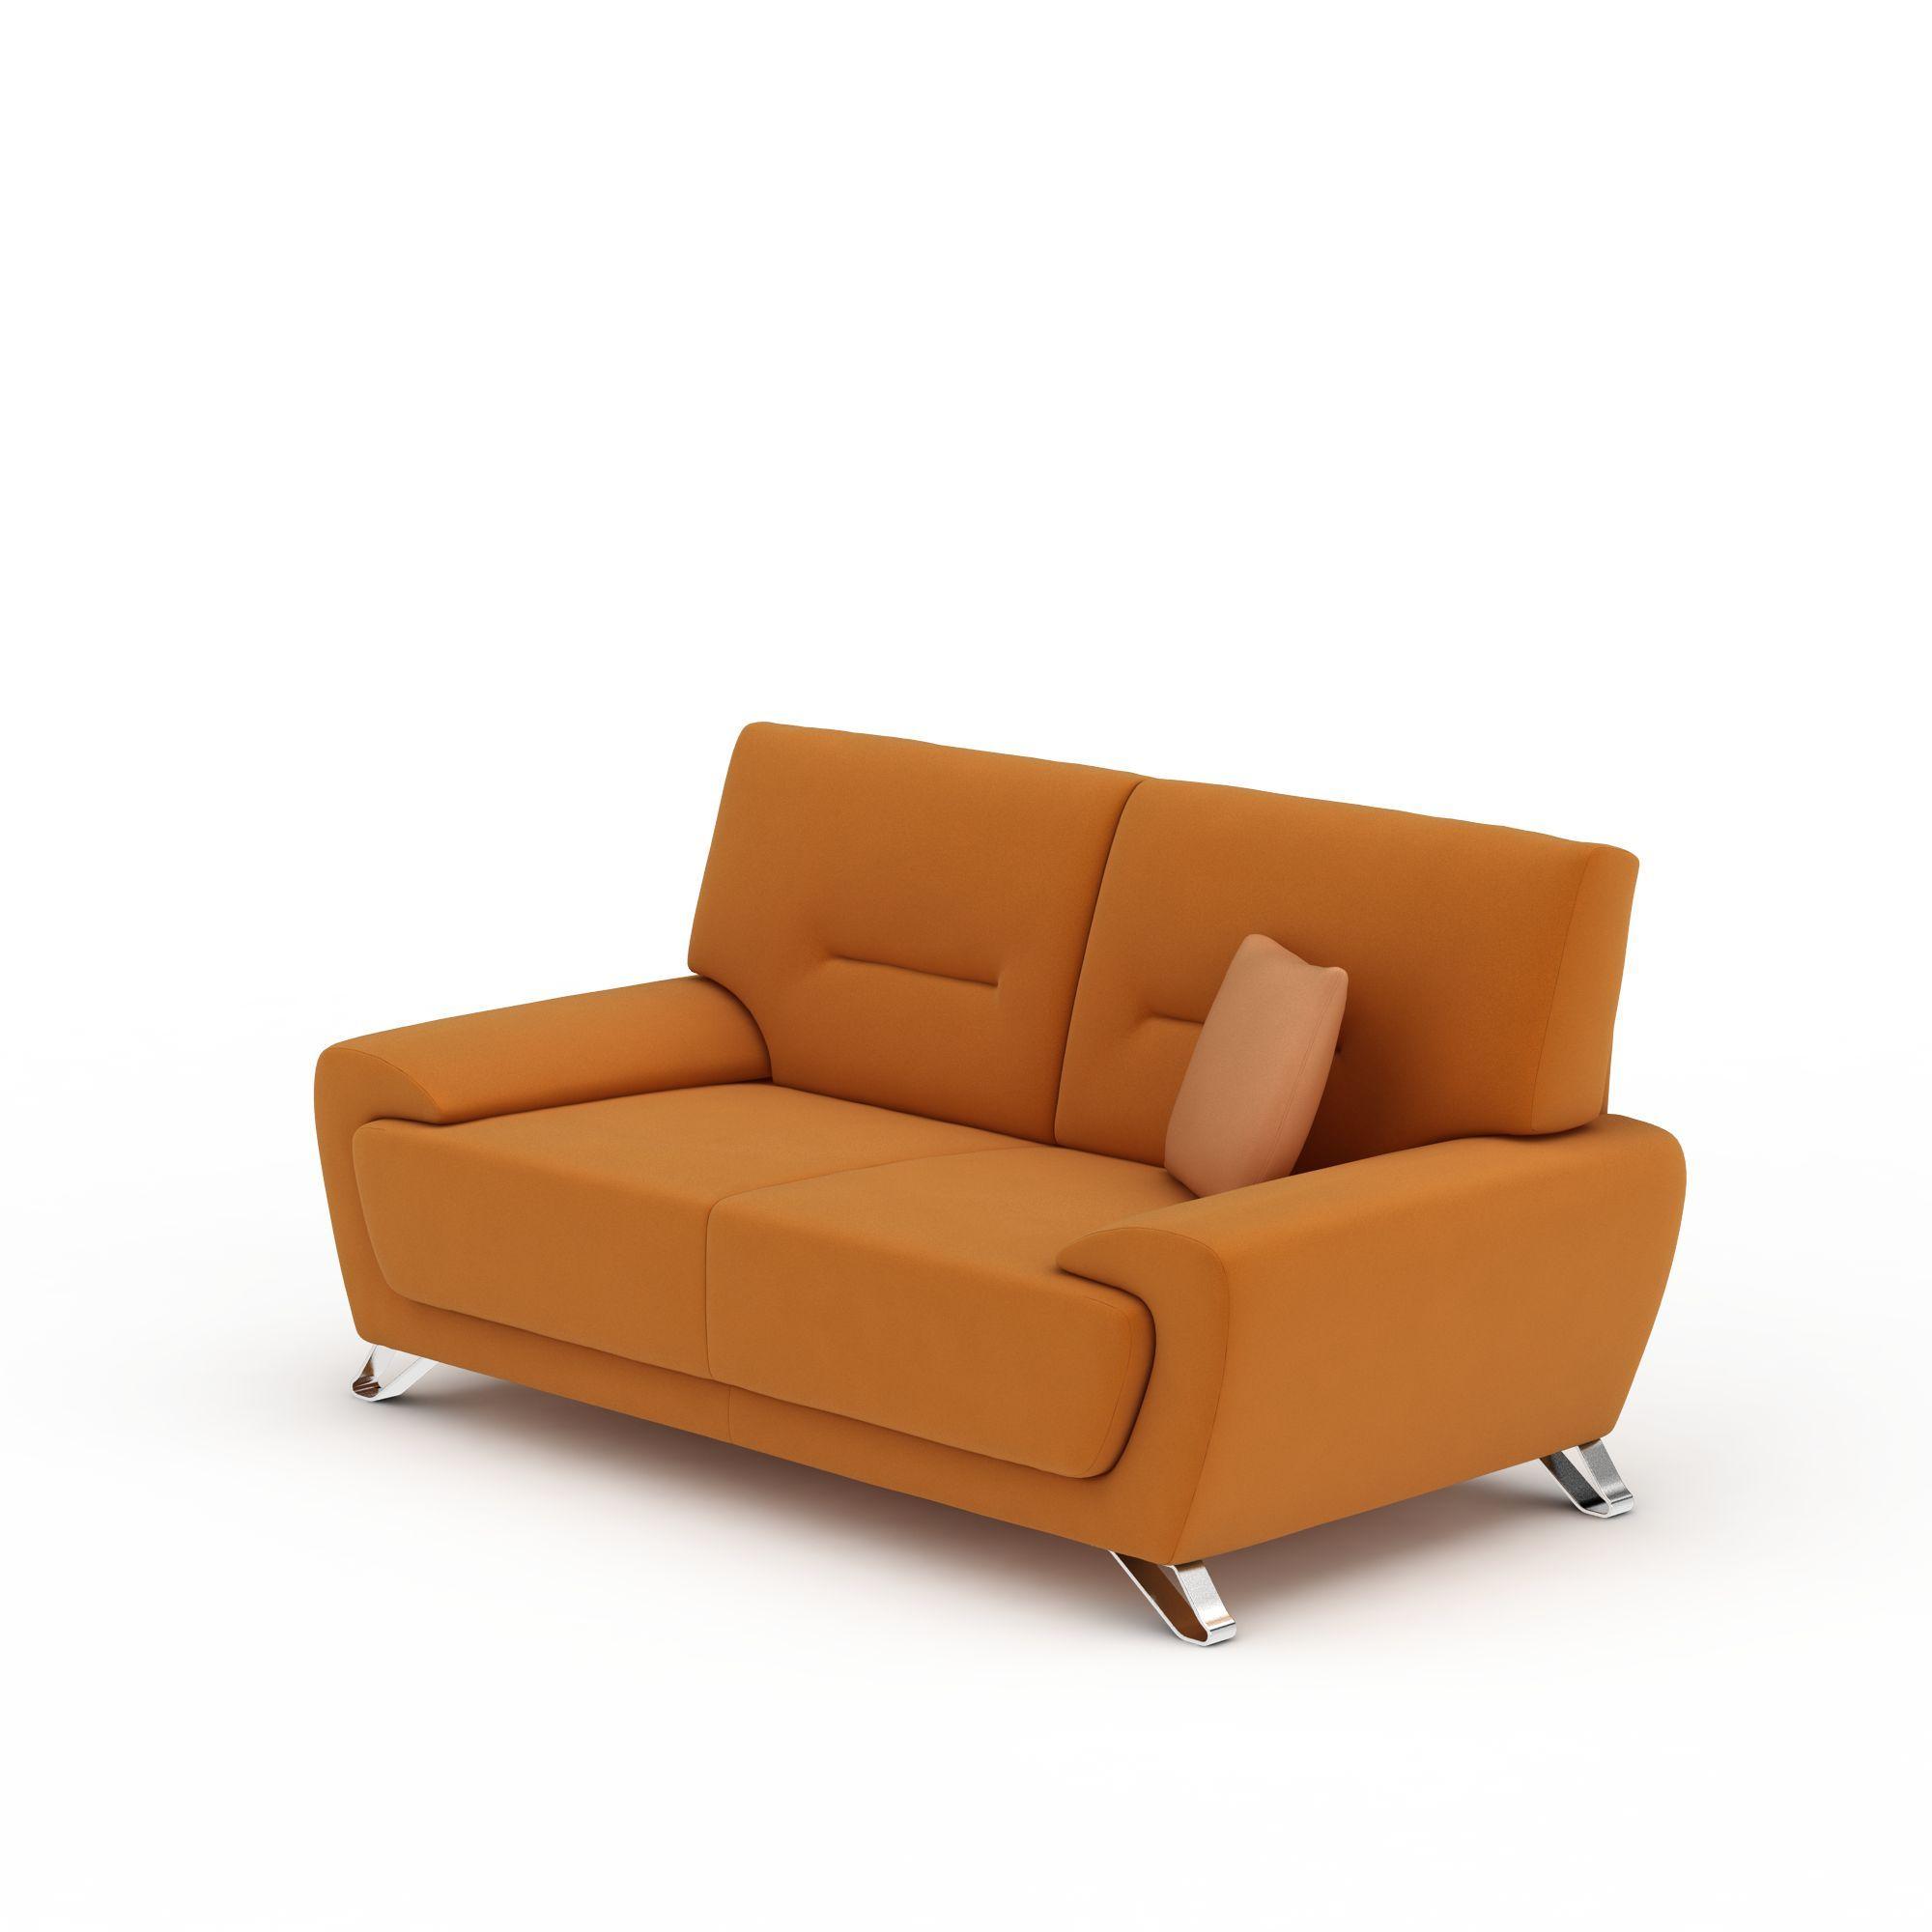 双人休闲沙发图片_双人休闲沙发png图片素材_双人休闲